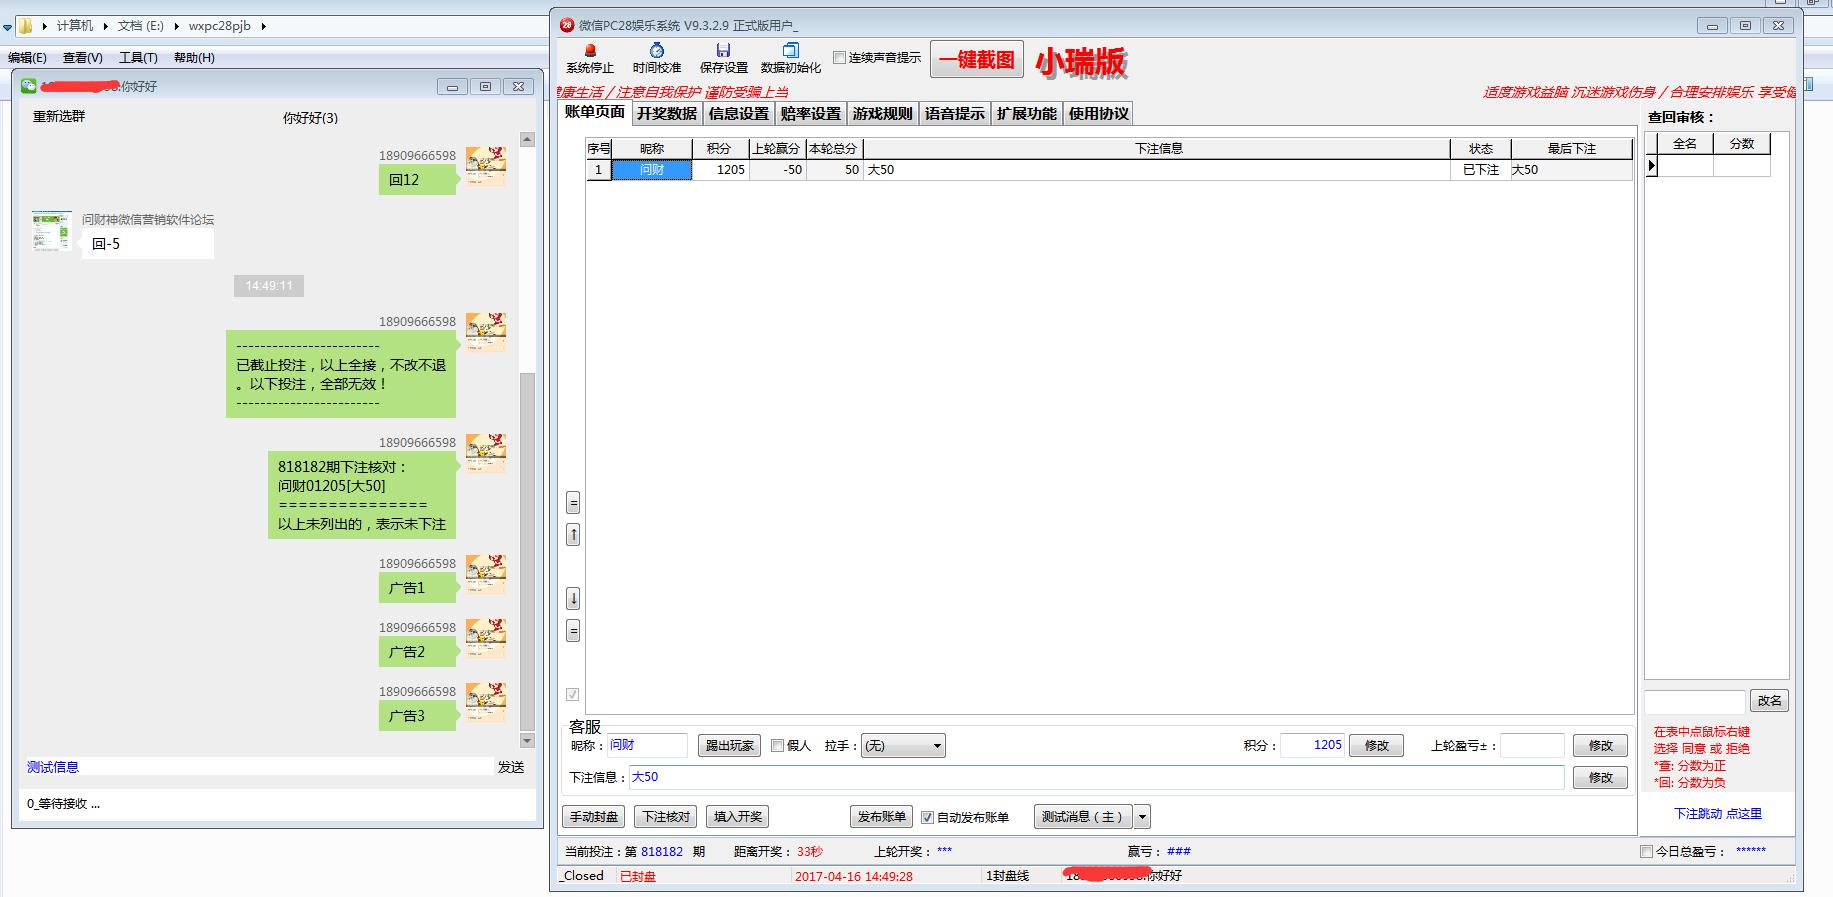 小瑞pc28/加拿大28/微信娱乐系统--最新版本